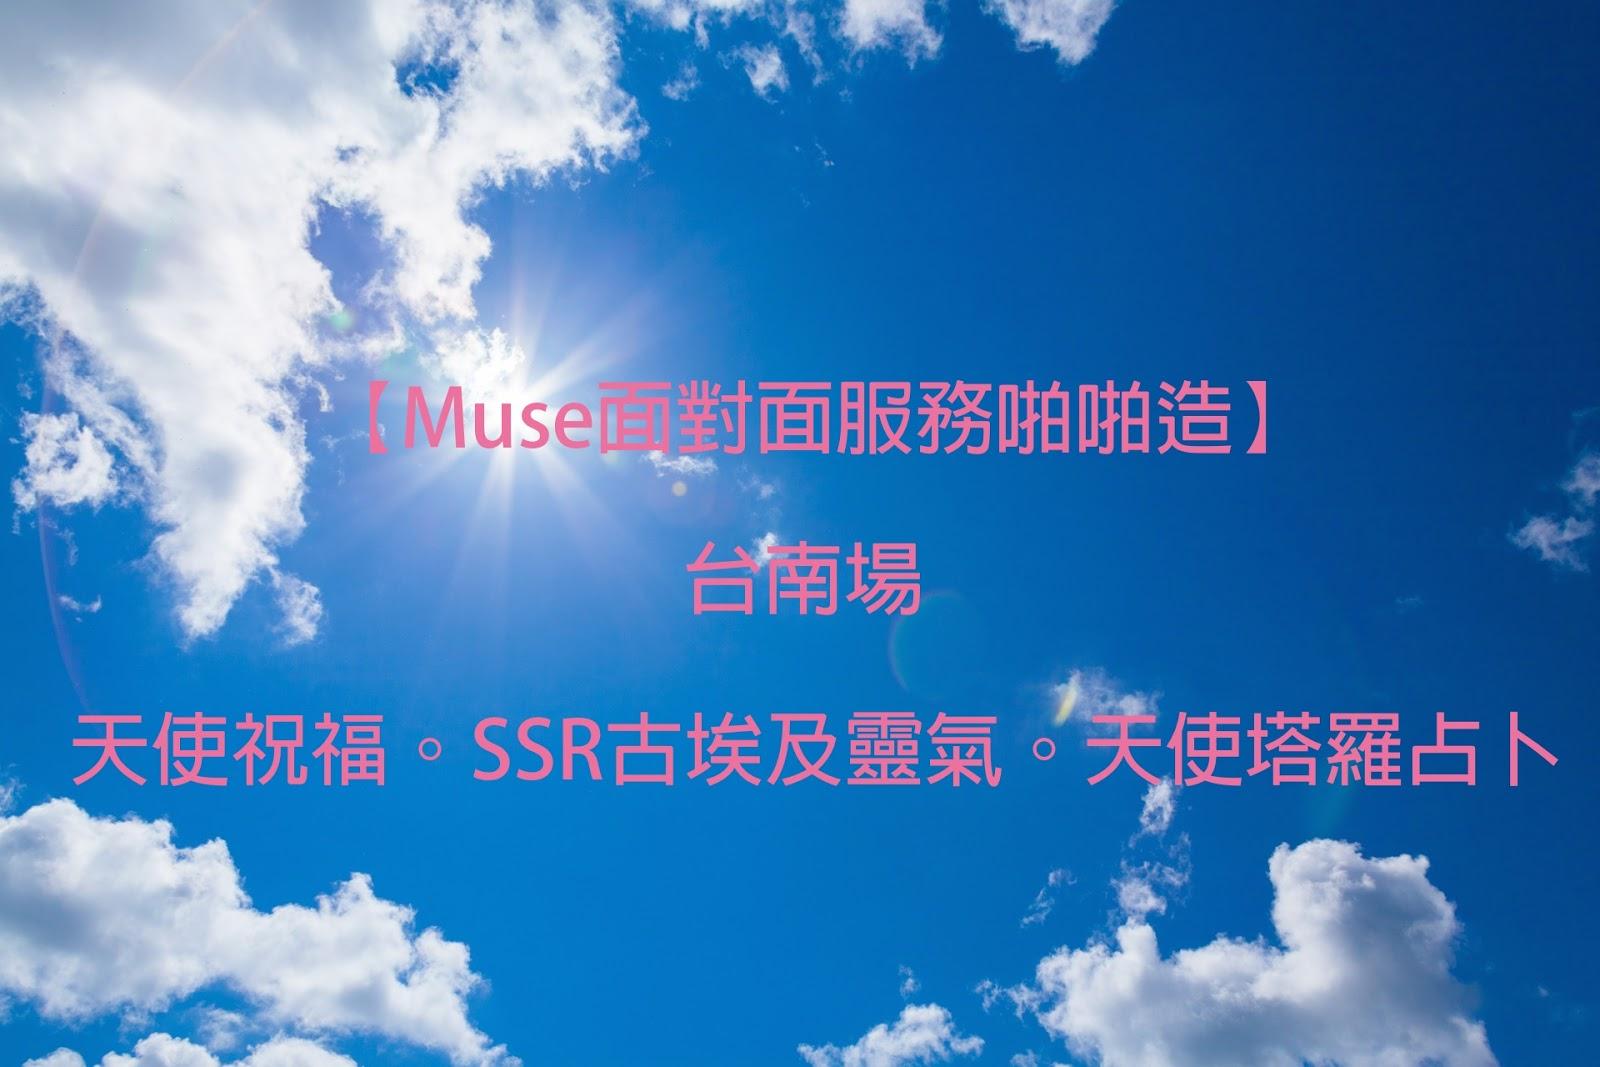 Muse_All-Love journey: 【面對面服務PAPA造 - 臺南場】2017年1月14(六)&15(日)